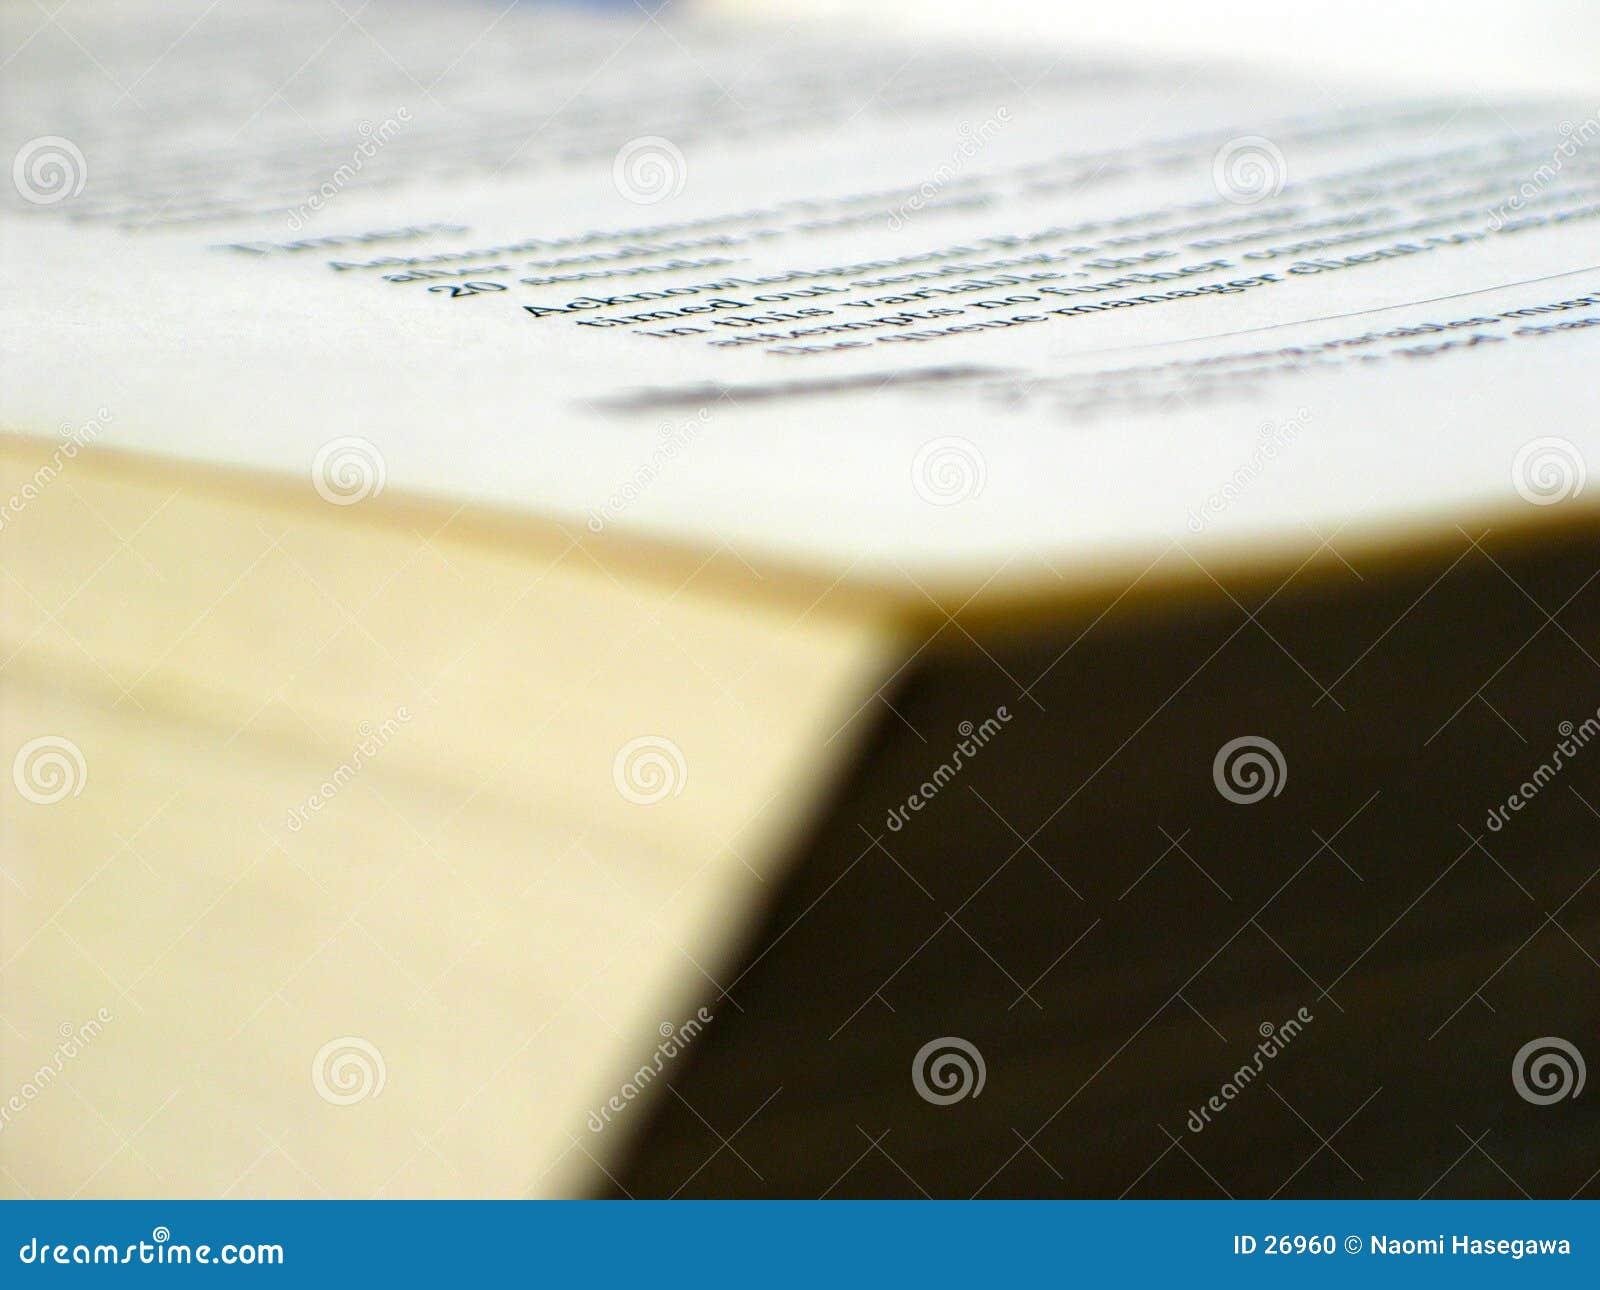 Download Abra el libro foto de archivo. Imagen de learning, palabras - 26960